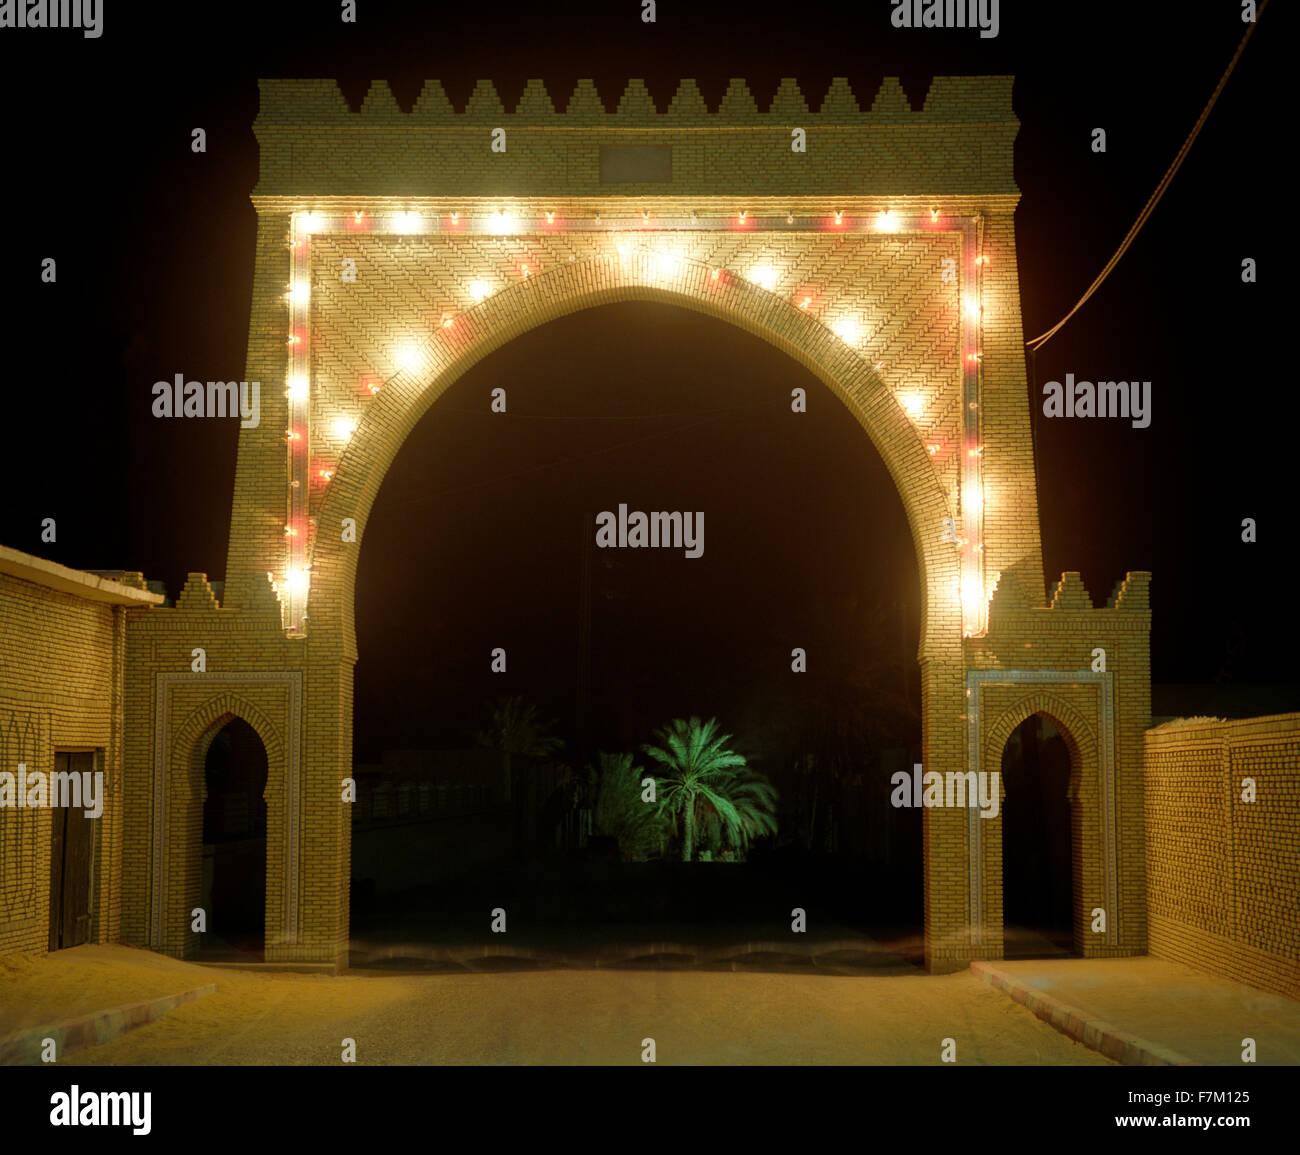 Une entrée de la nuit conduit à la palmeraie de Tozeur. Un palmier est allumé au loin. Tozeur, Tunisie. Photo Stock